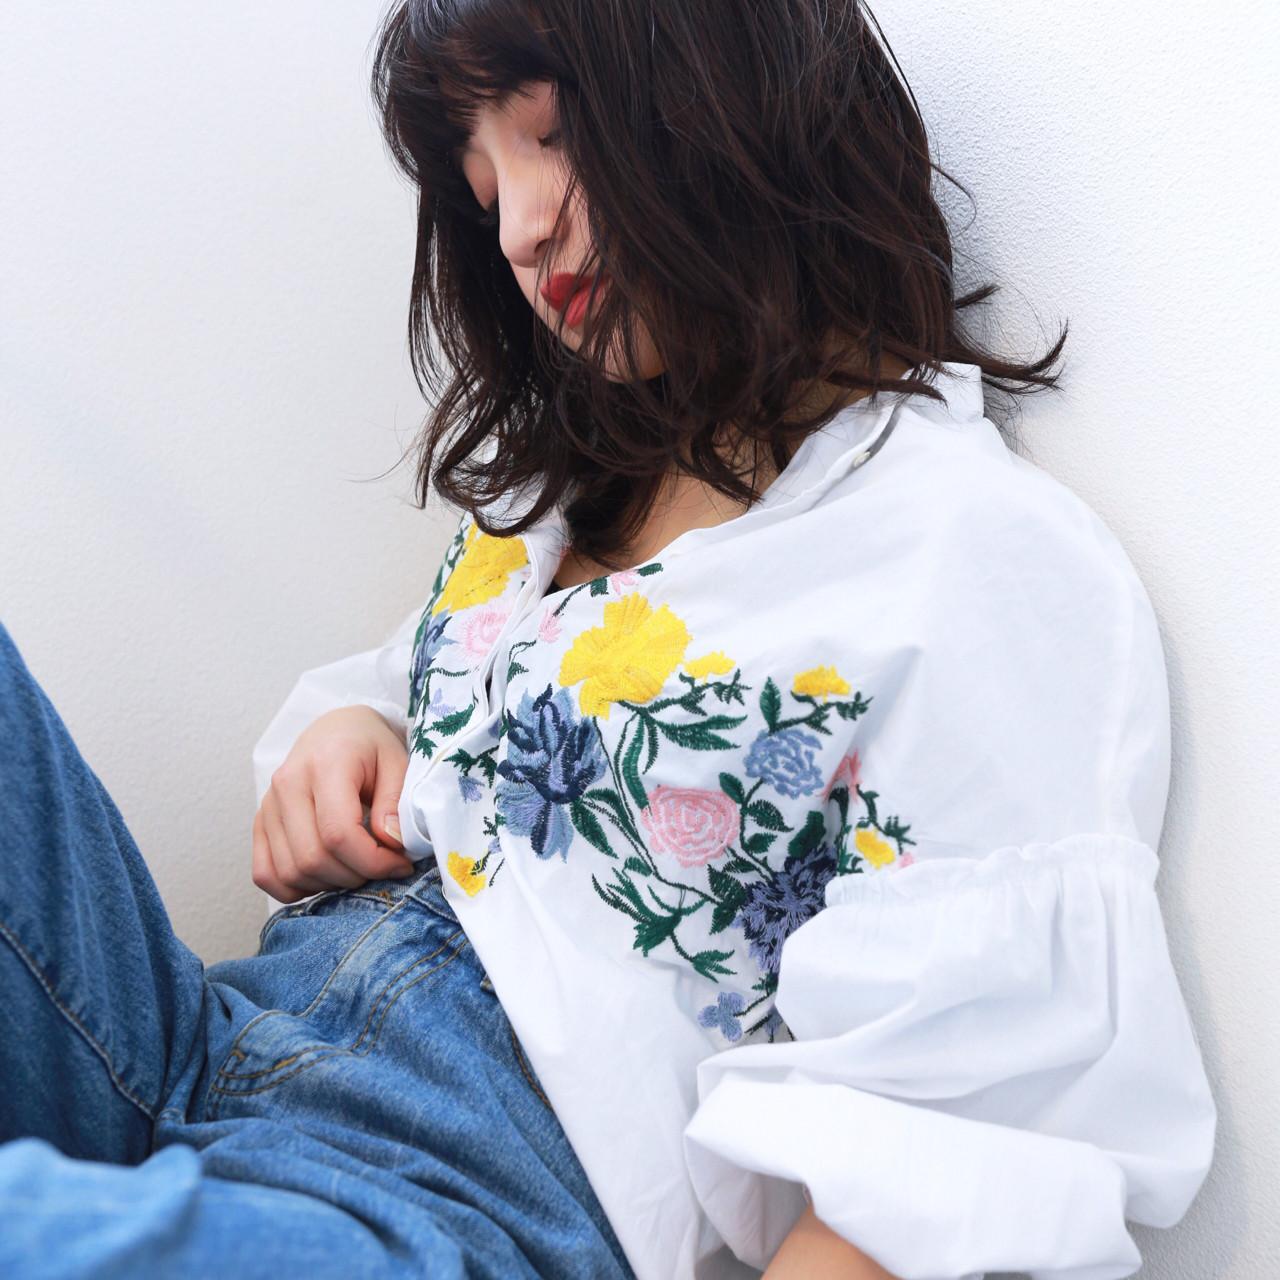 なりたい自分になれる!黒髪セミディのヘアスタイルカタログ 阿部 将明